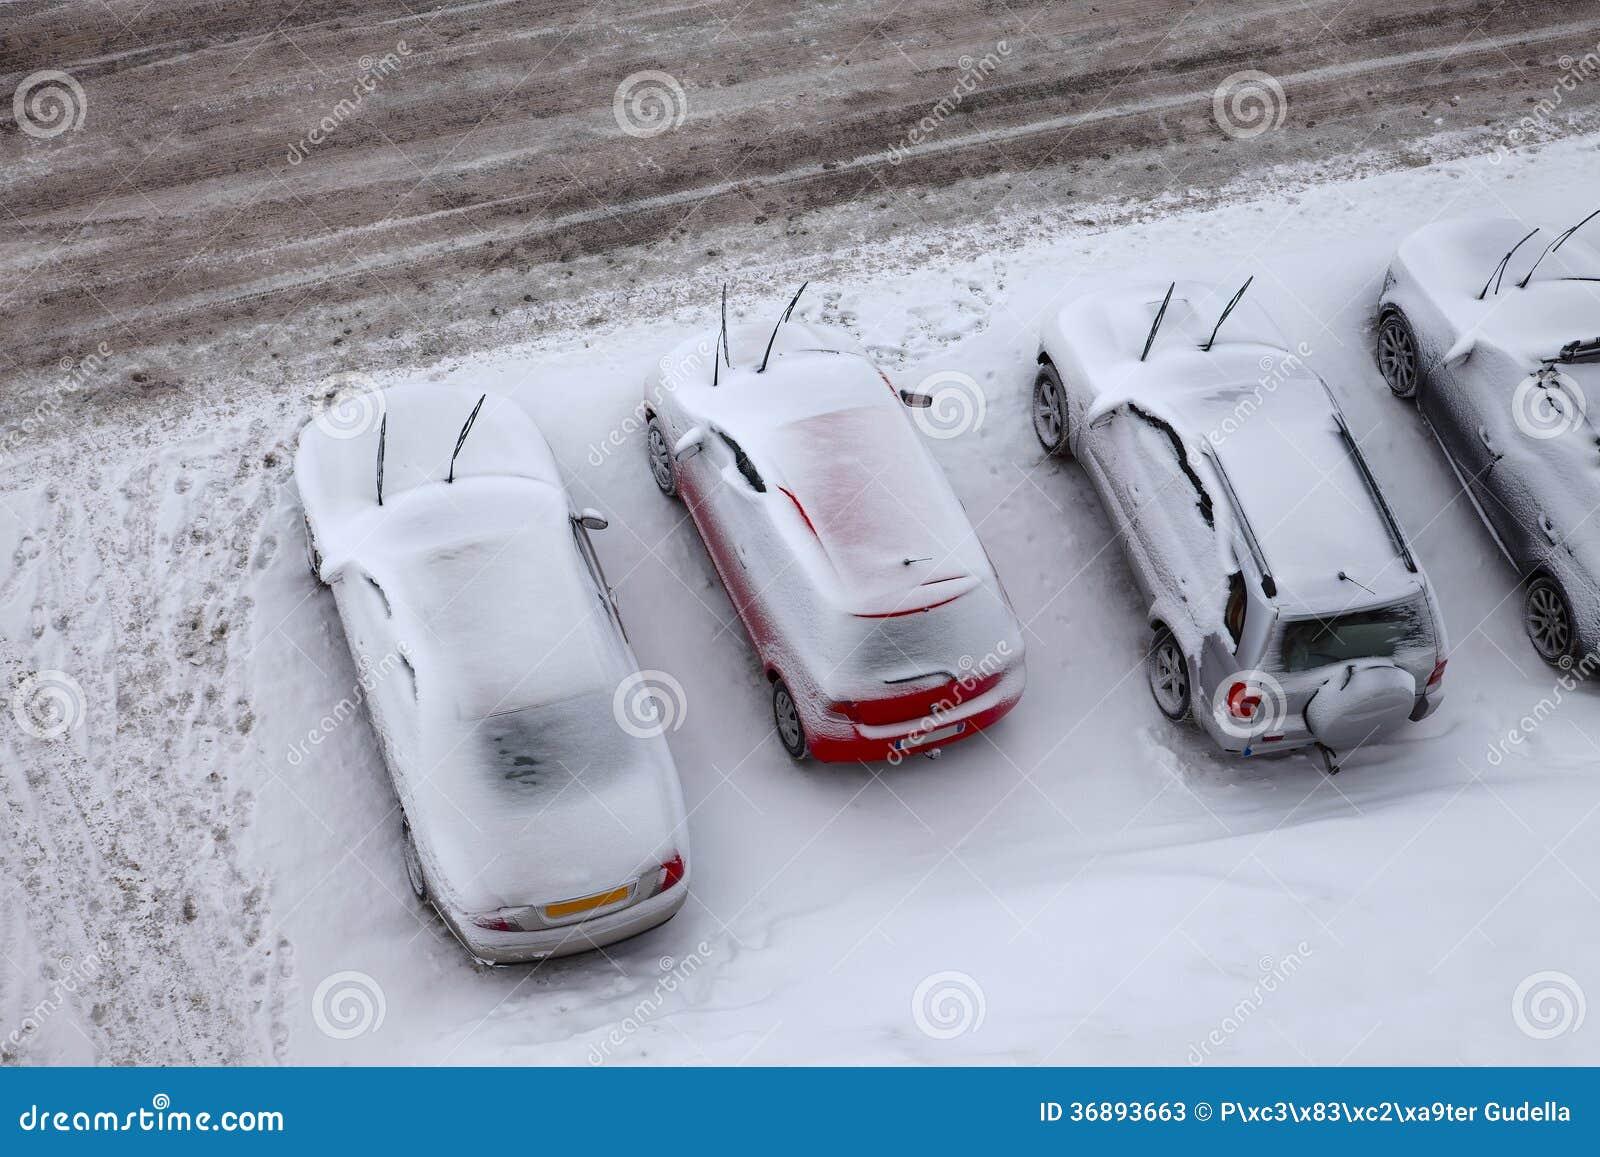 Download Parcheggio di inverno immagine stock. Immagine di difficoltà - 36893663